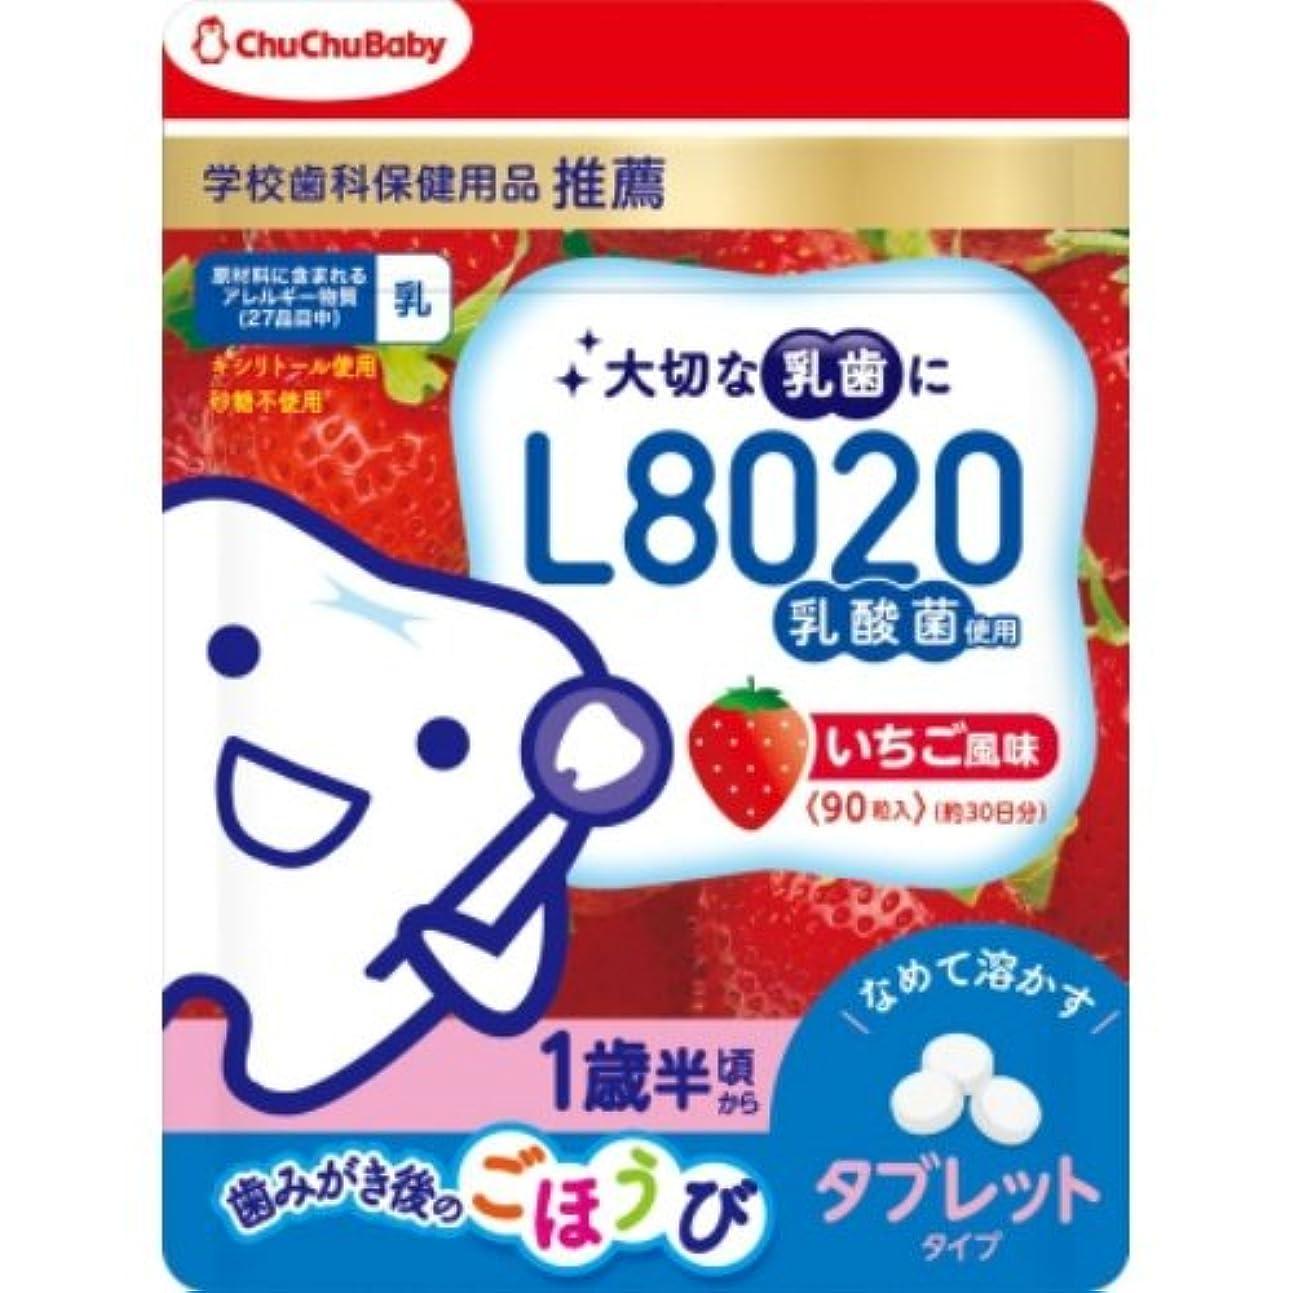 ビルダー透過性欲求不満L8020乳酸菌チュチュベビータブレットいちご風味 × 5個セット